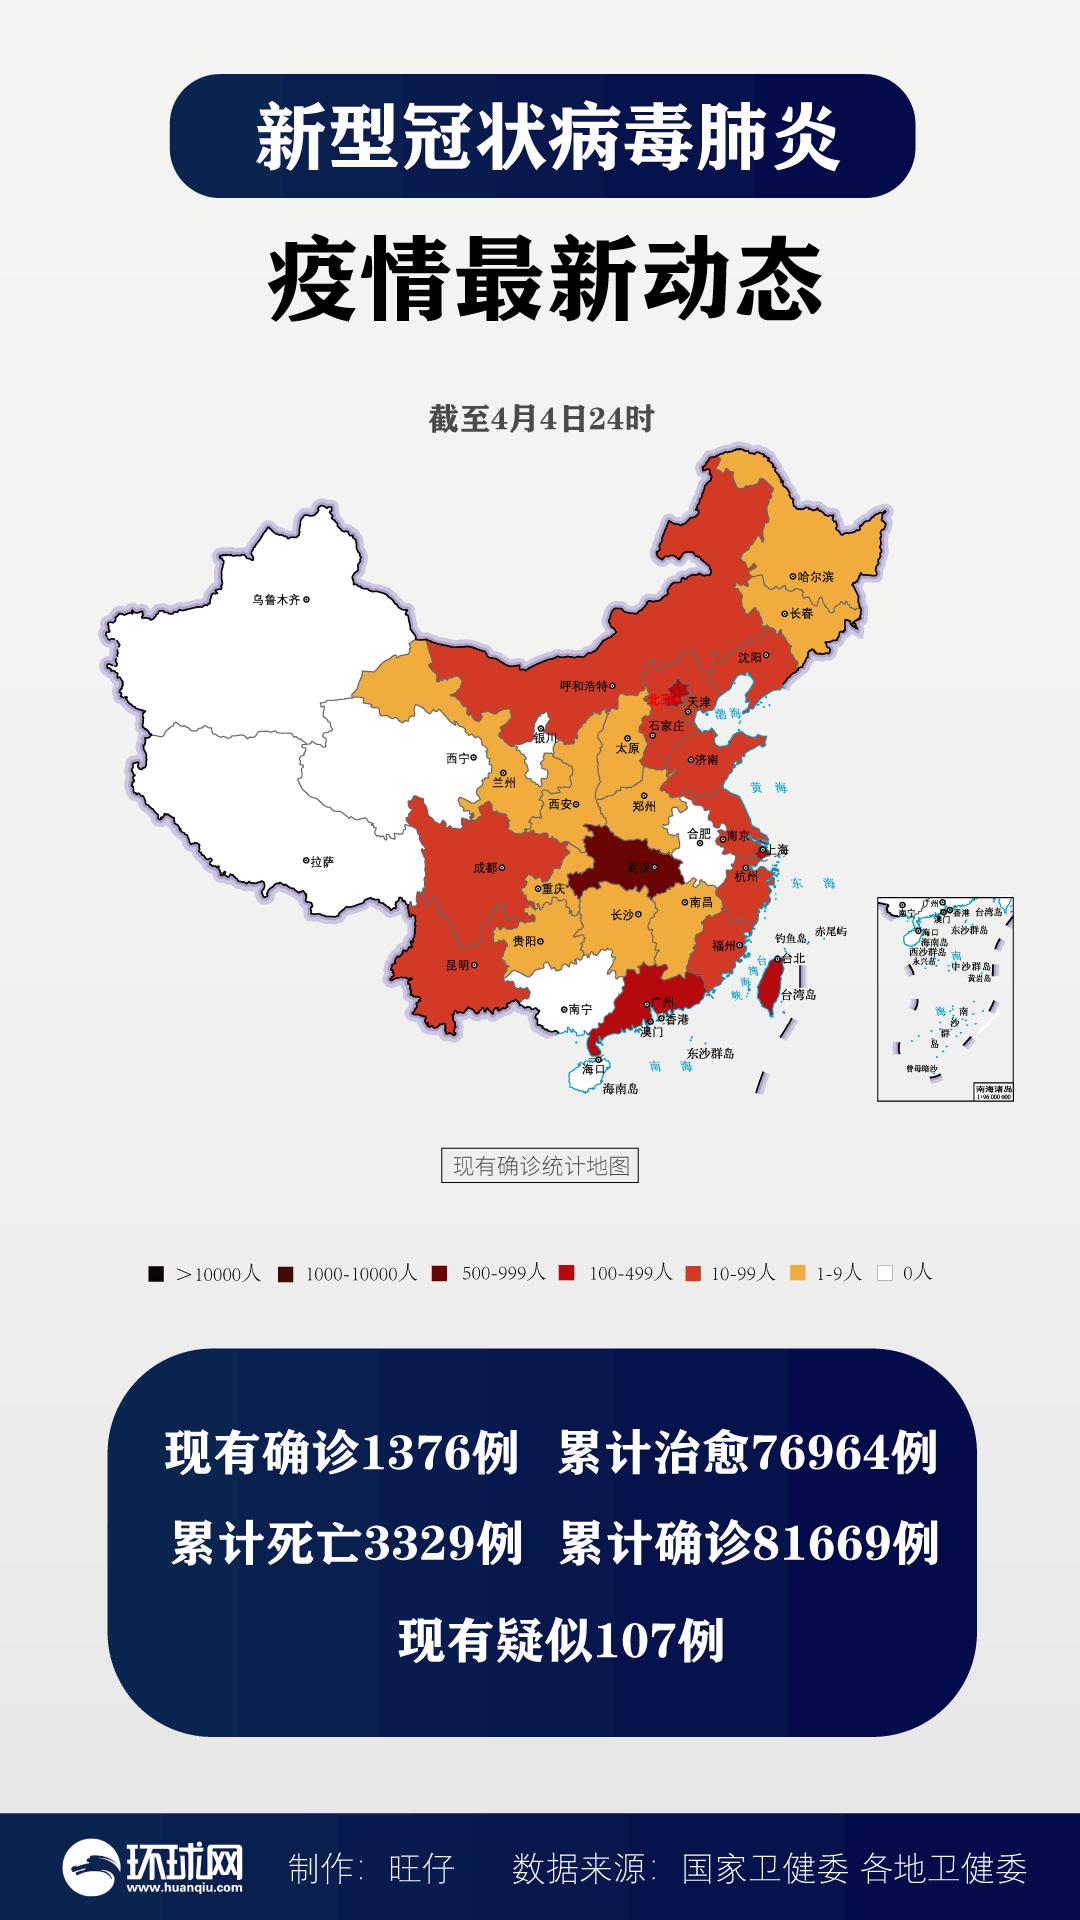 【恒行】新增5例本土病例全部恒行在广东图片